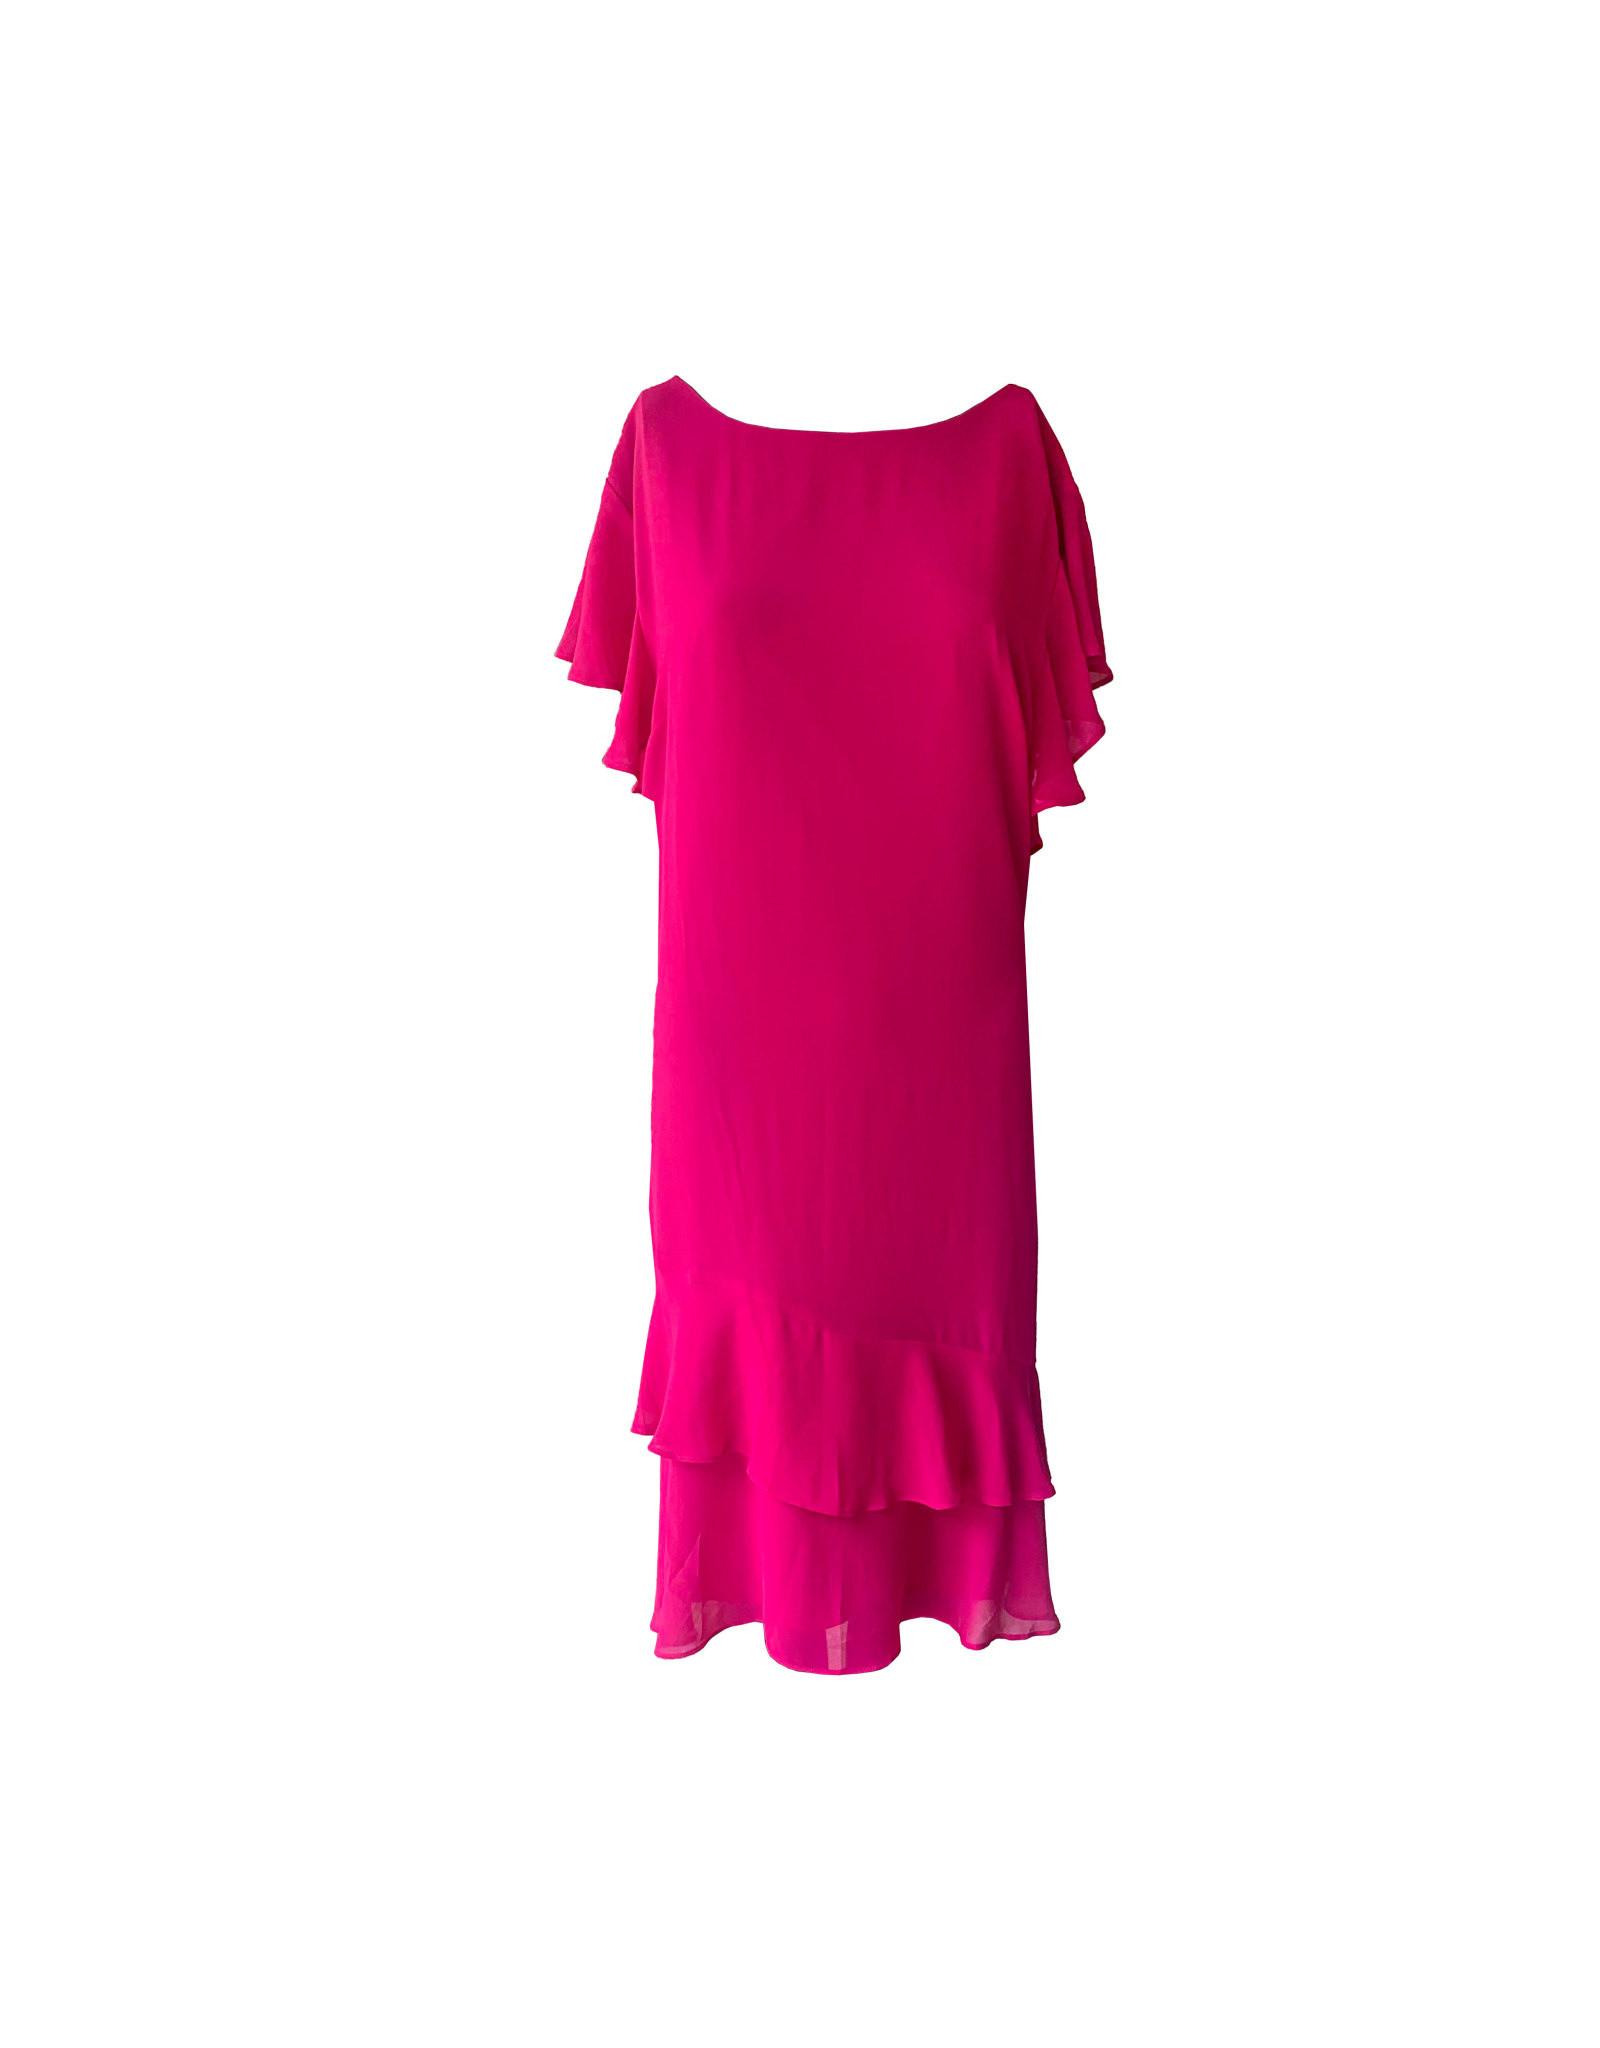 LAUREN RALPH LAUREN Lauren Ralph Lauren Georgette Mini Dress